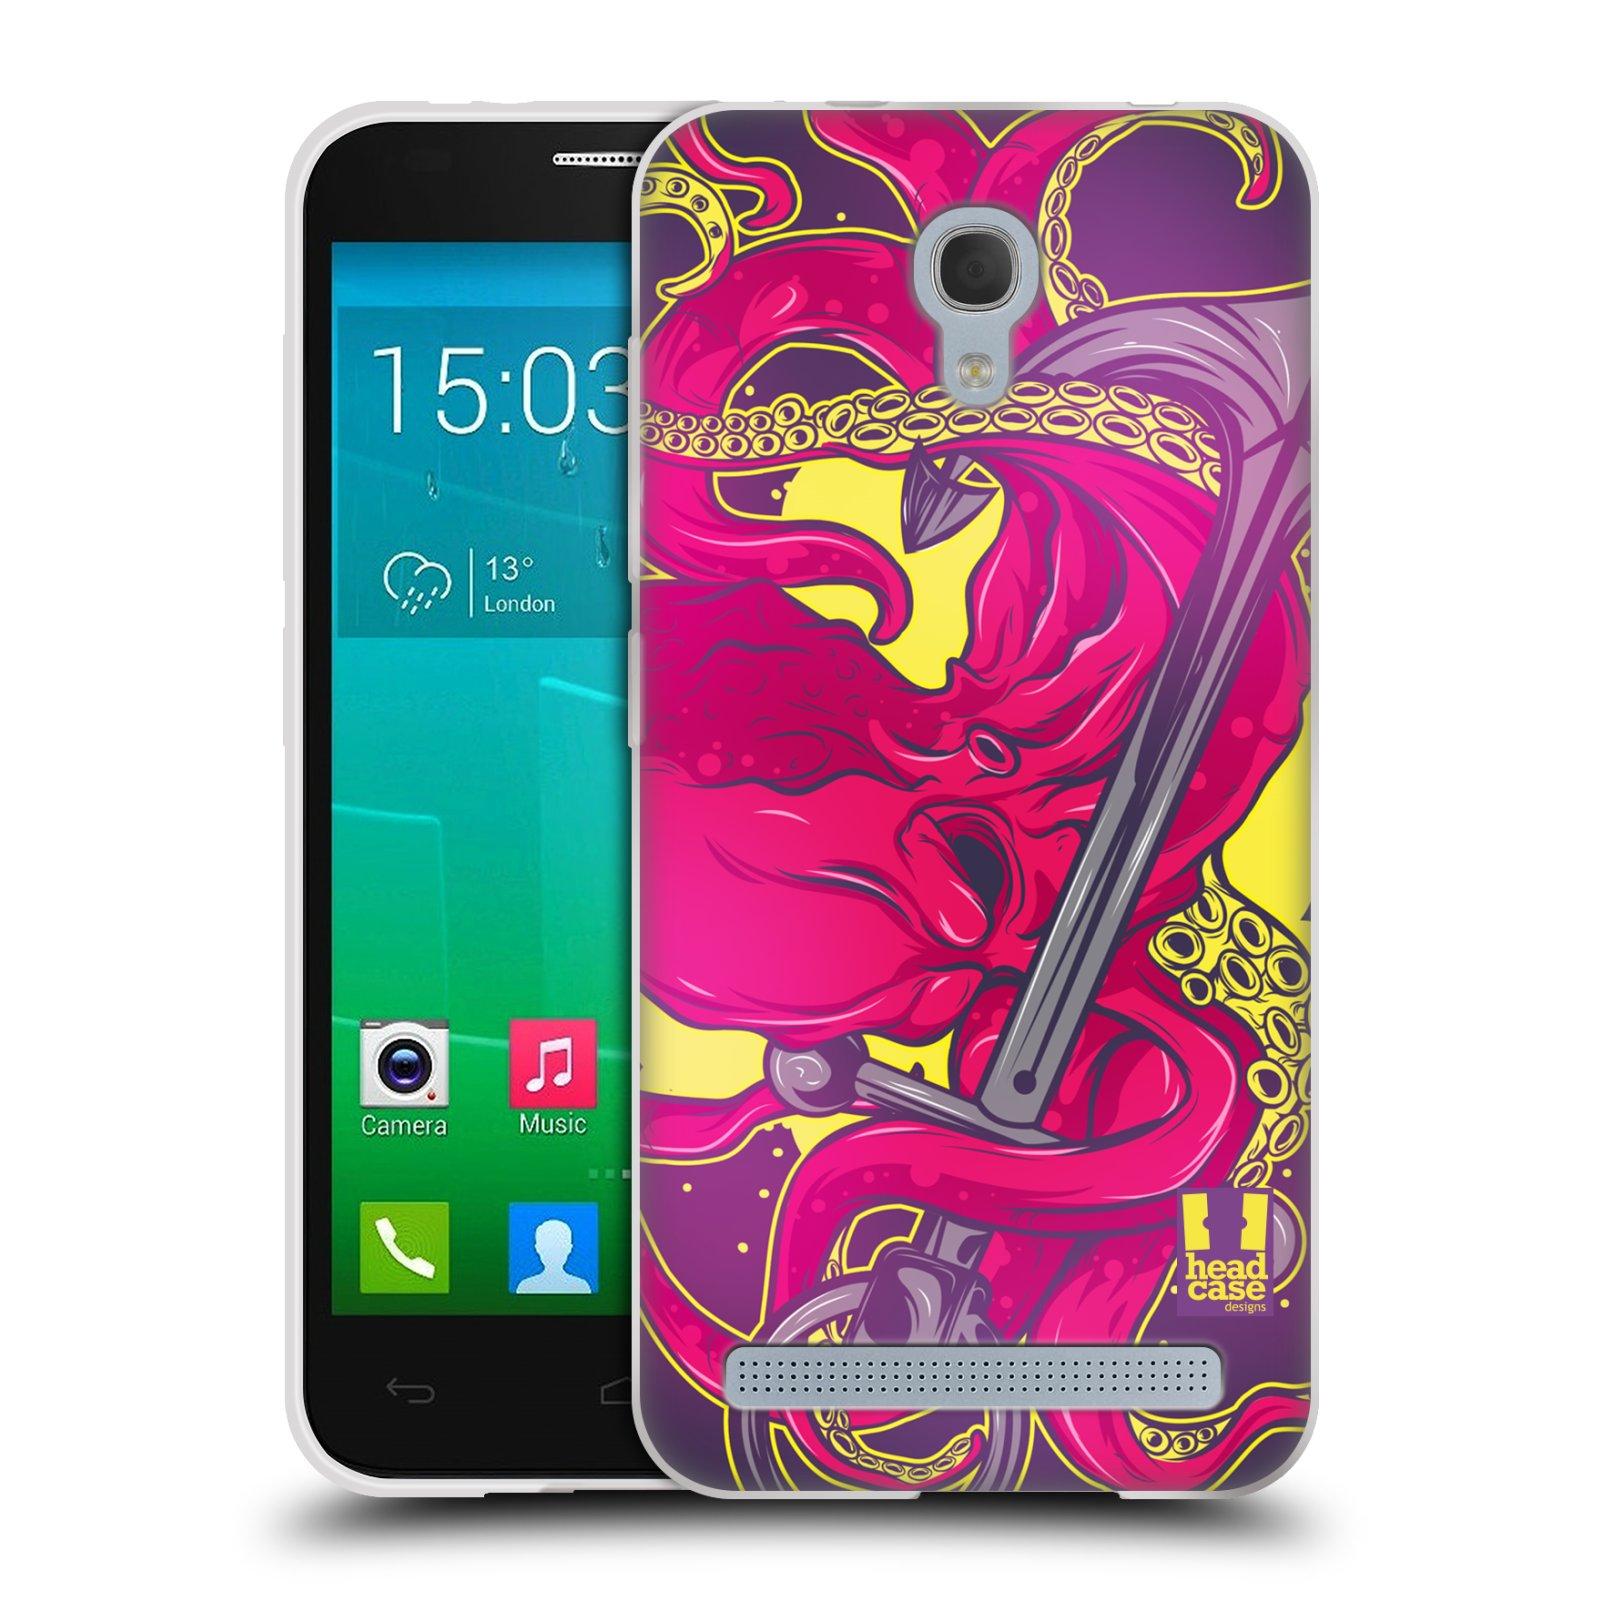 HEAD CASE silikonový obal na mobil Alcatel Idol 2 MINI S 6036Y vzor mořská monstra chobotnice